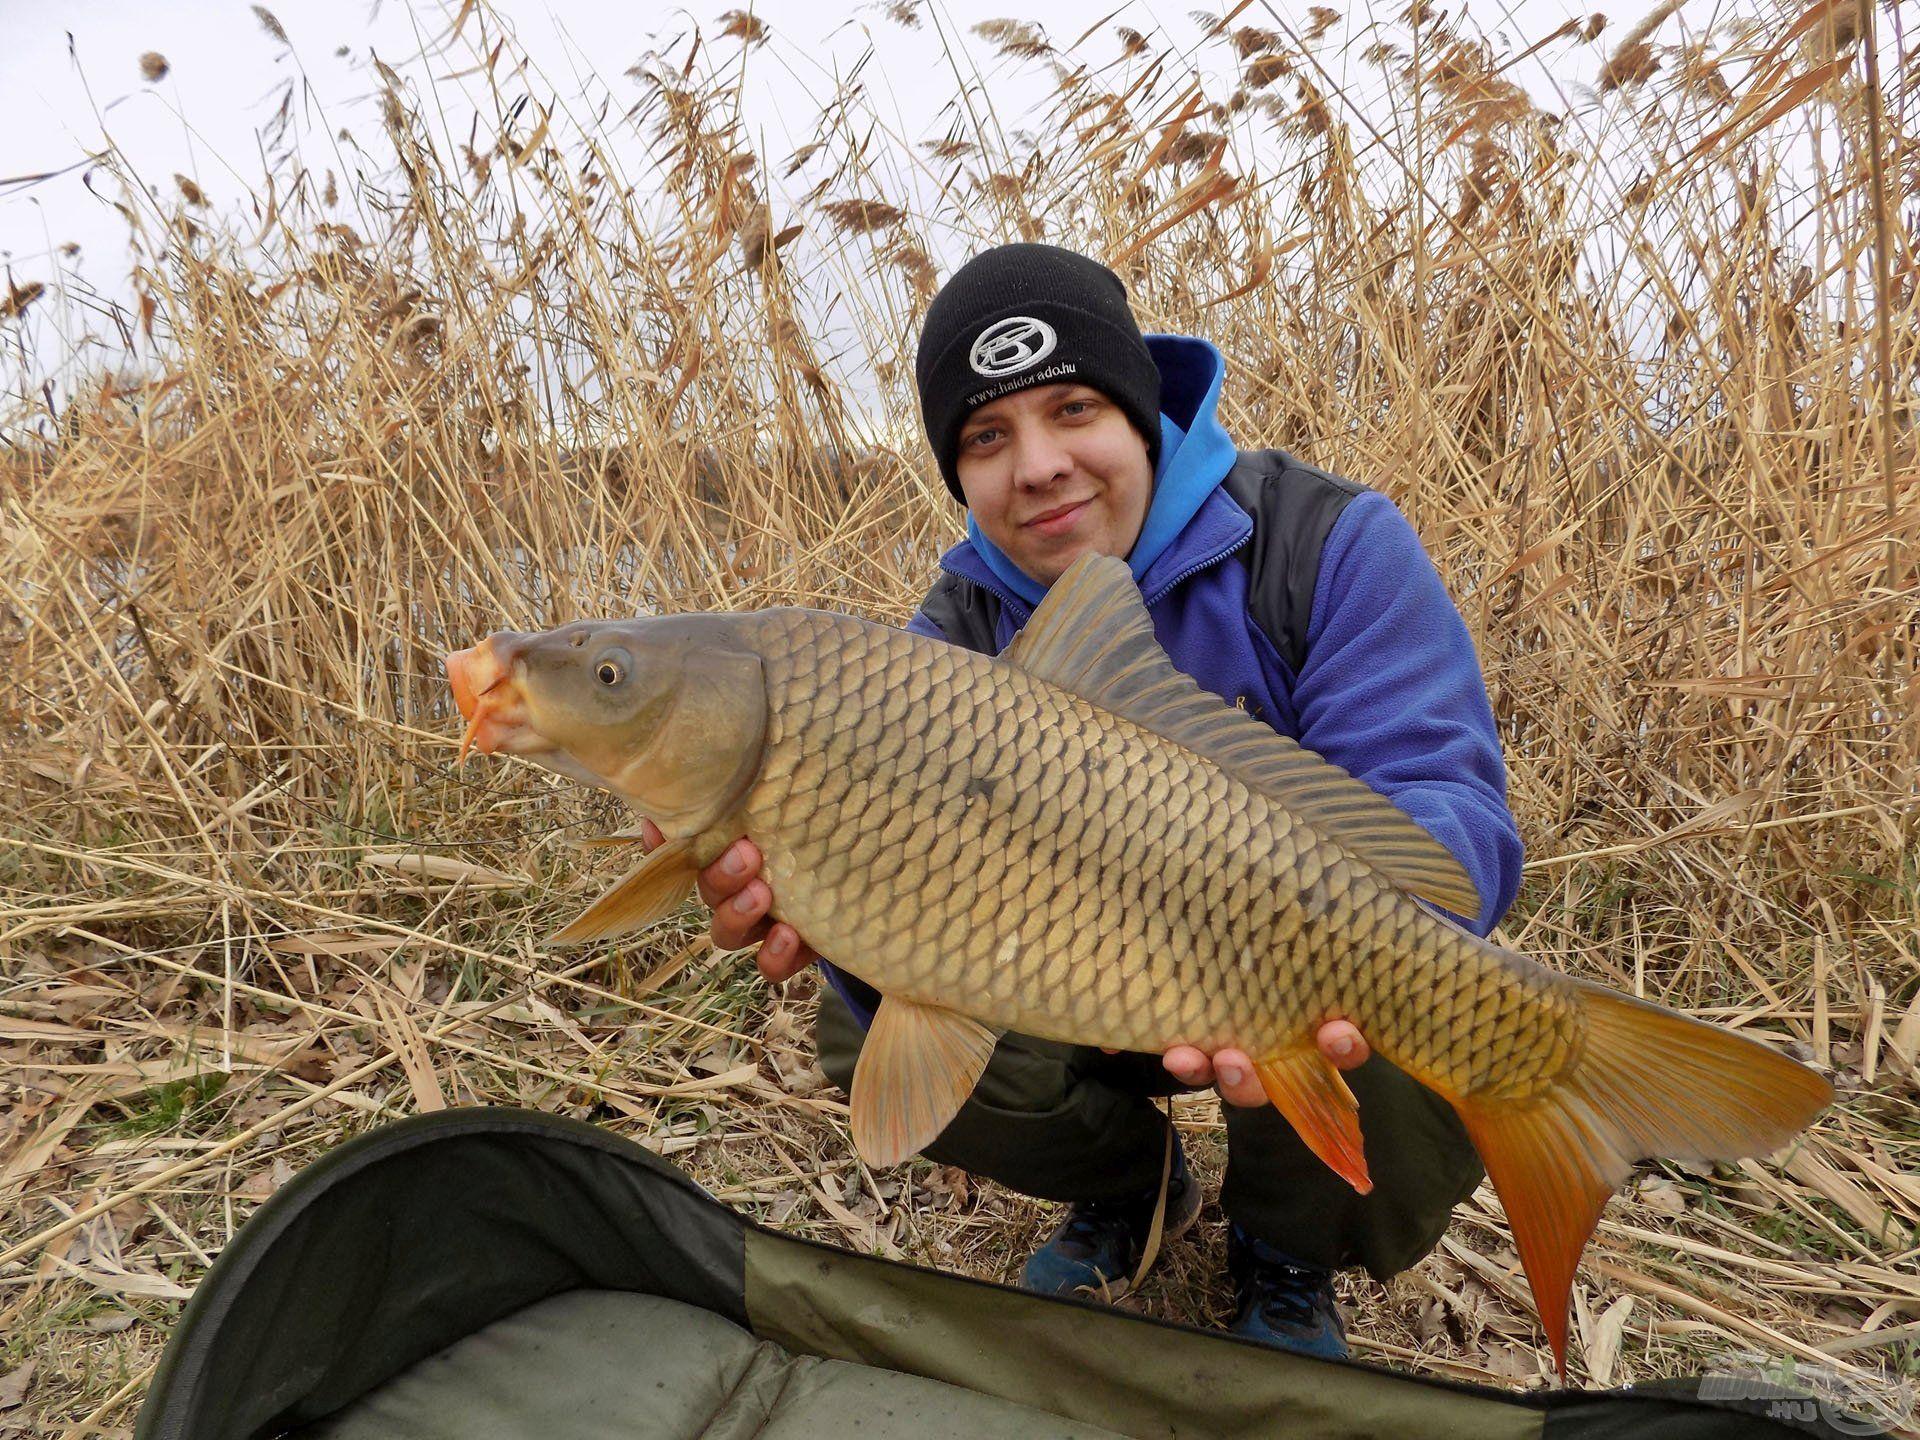 Az év utolsó napjain a hideggel megküzdve egyetlen kapás, egyetlen hal óriási örömet tud okozni!